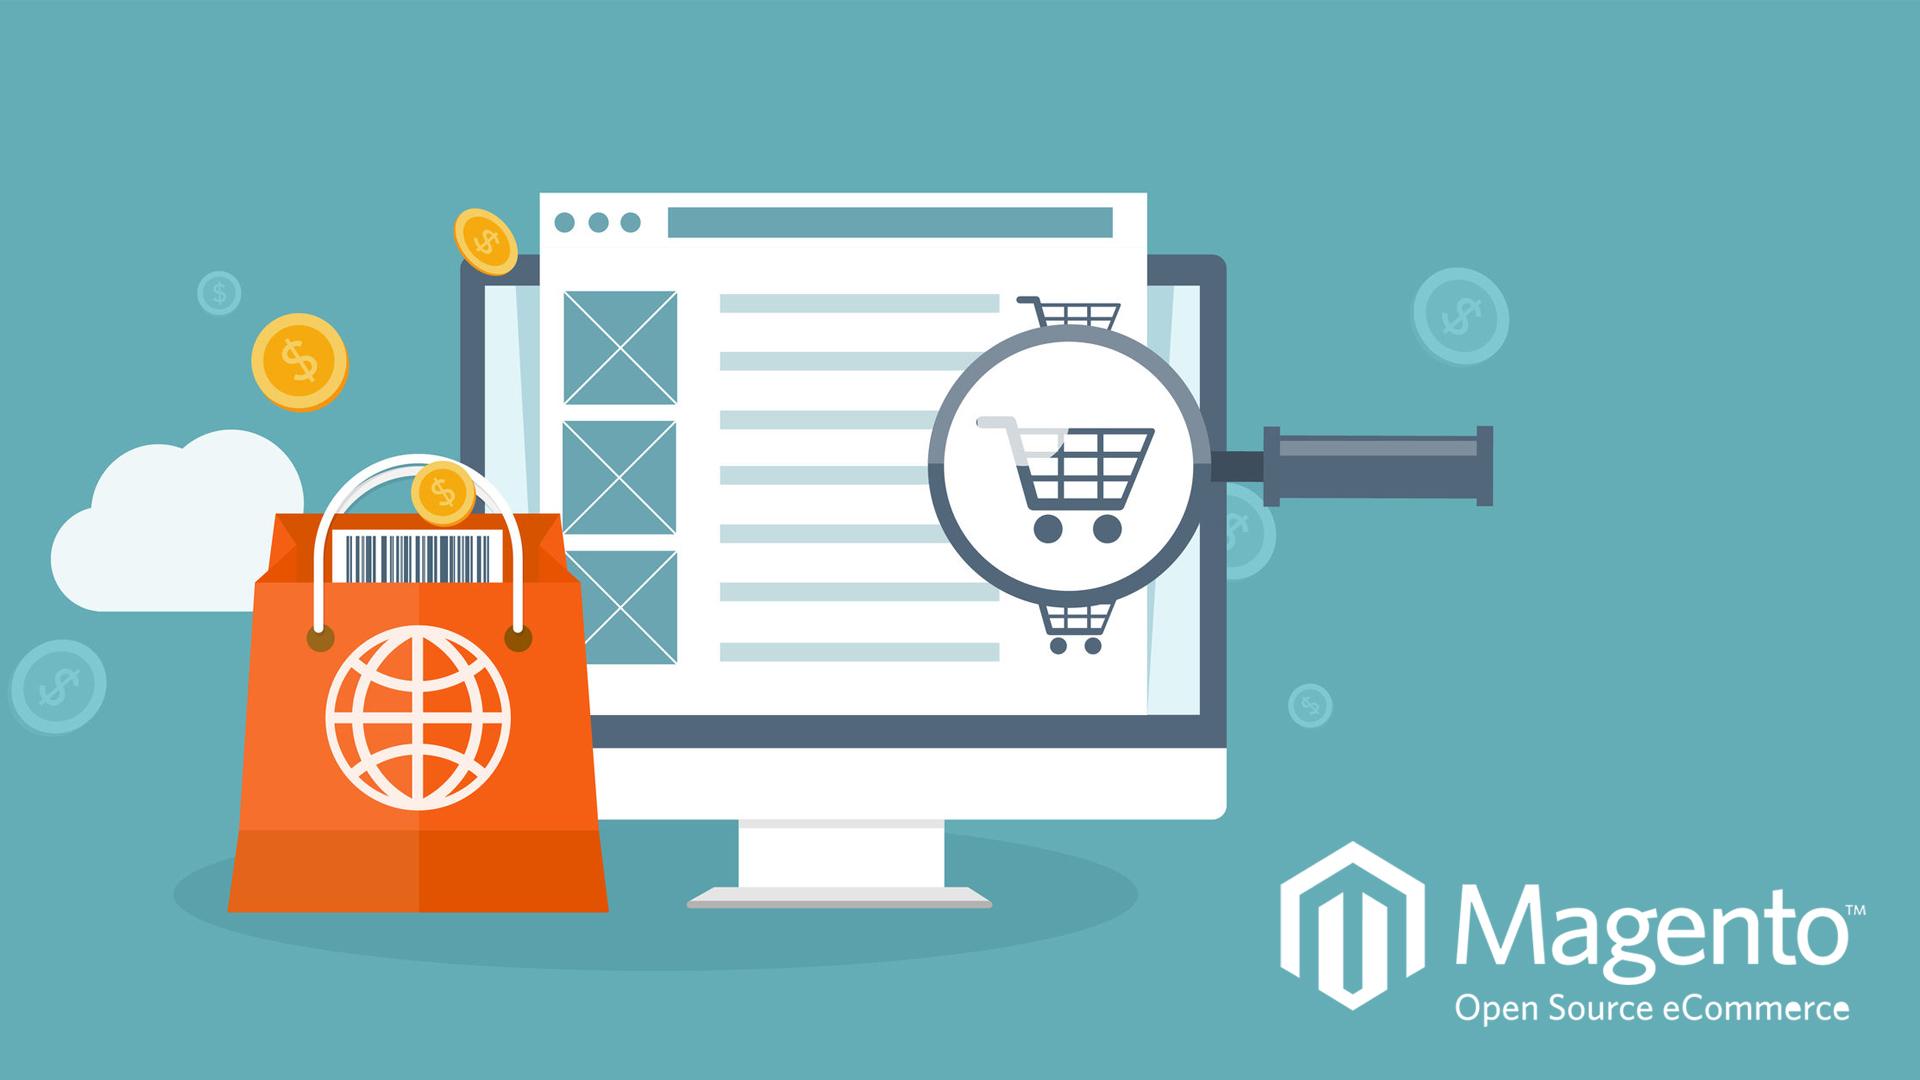 Understanding the Magento eCommerce Platform